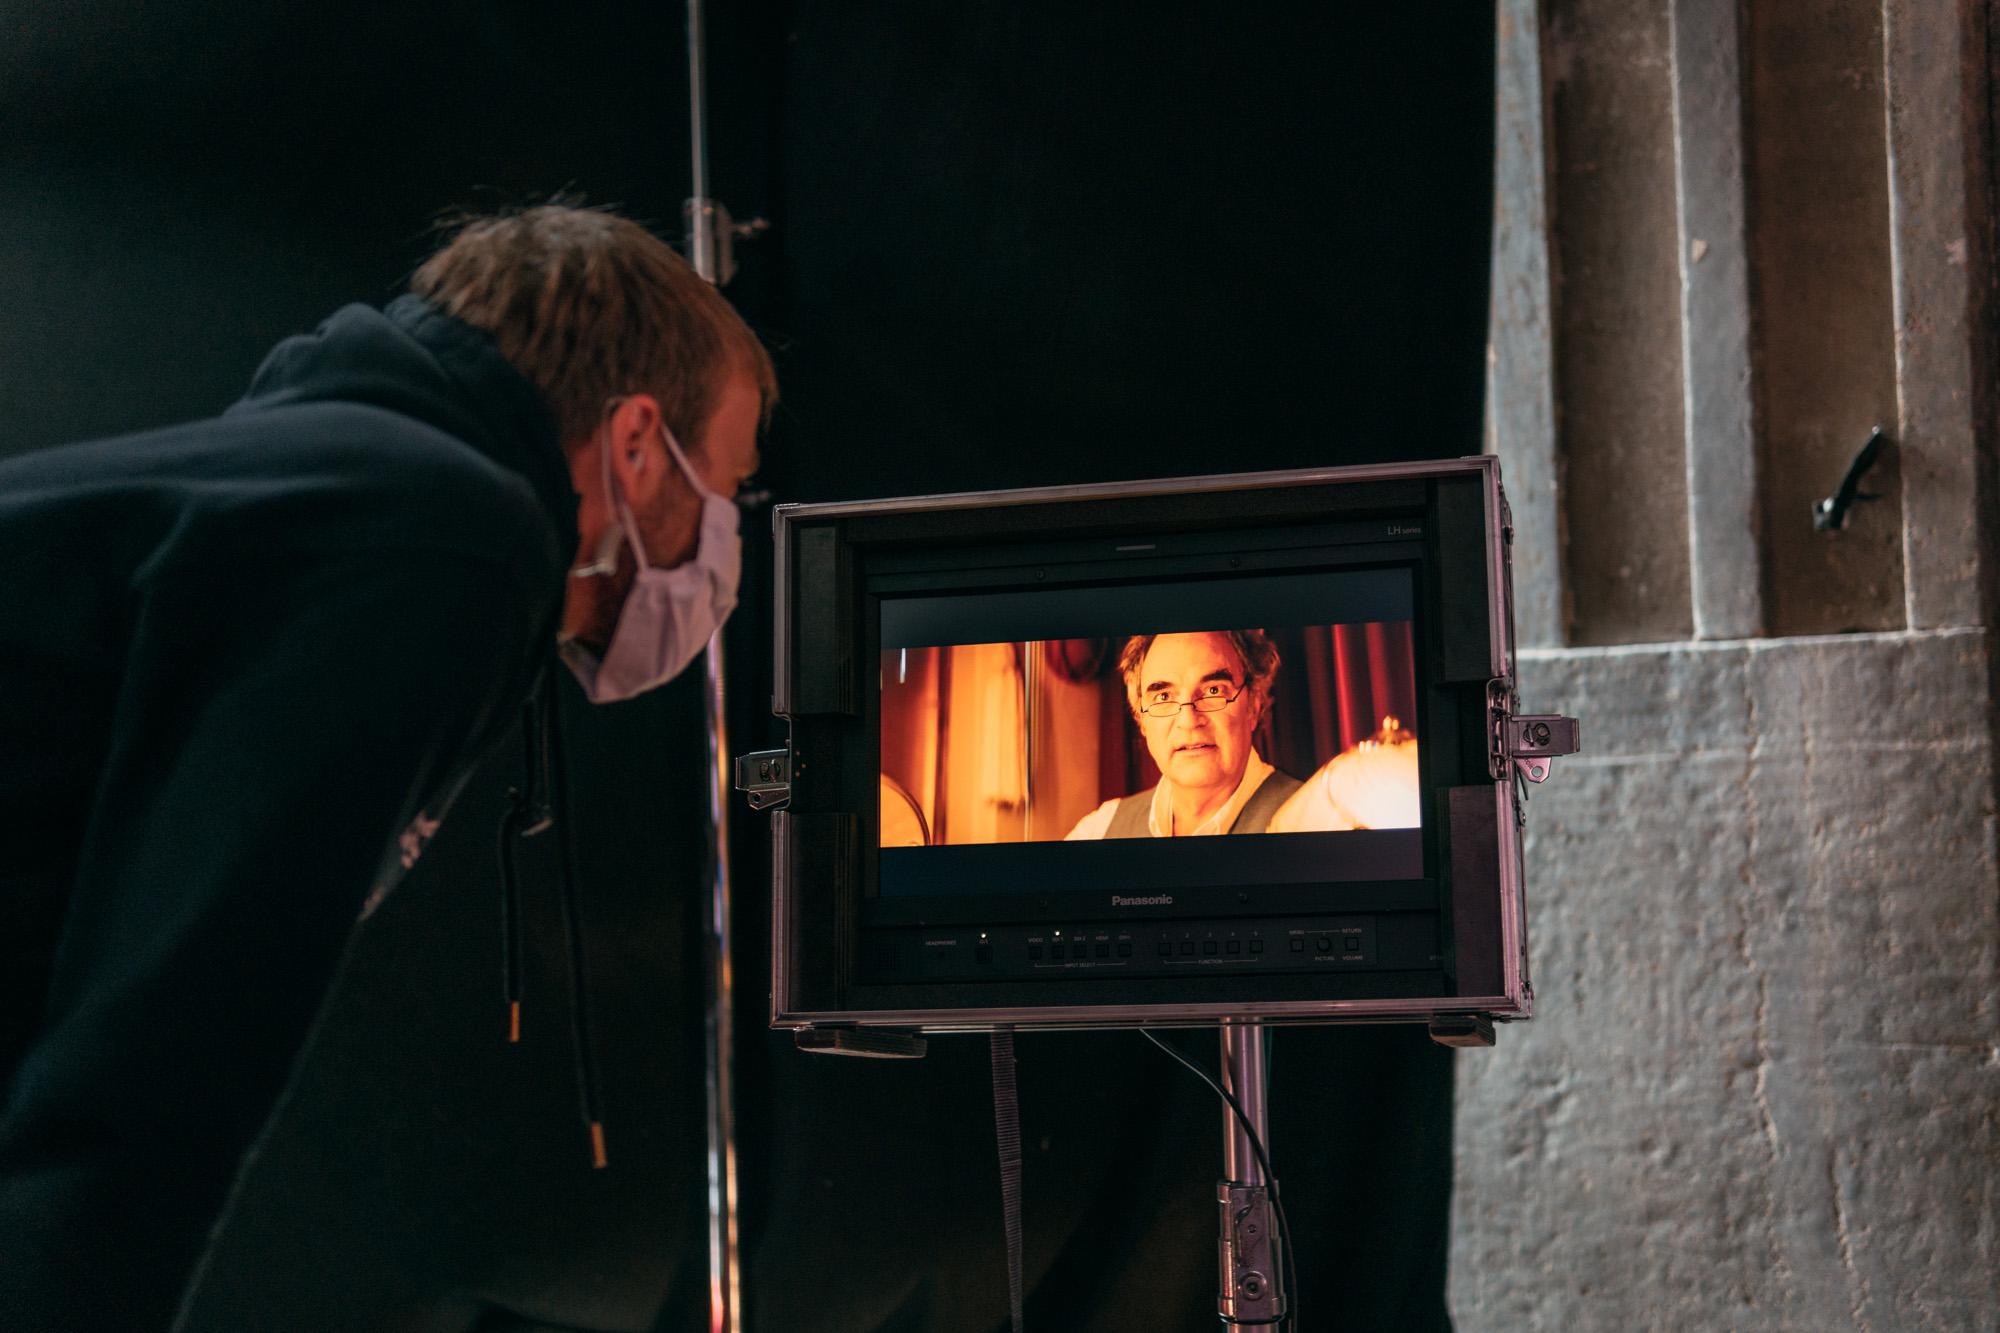 """Behind The scenes """"Kinoliebe"""" Regie"""